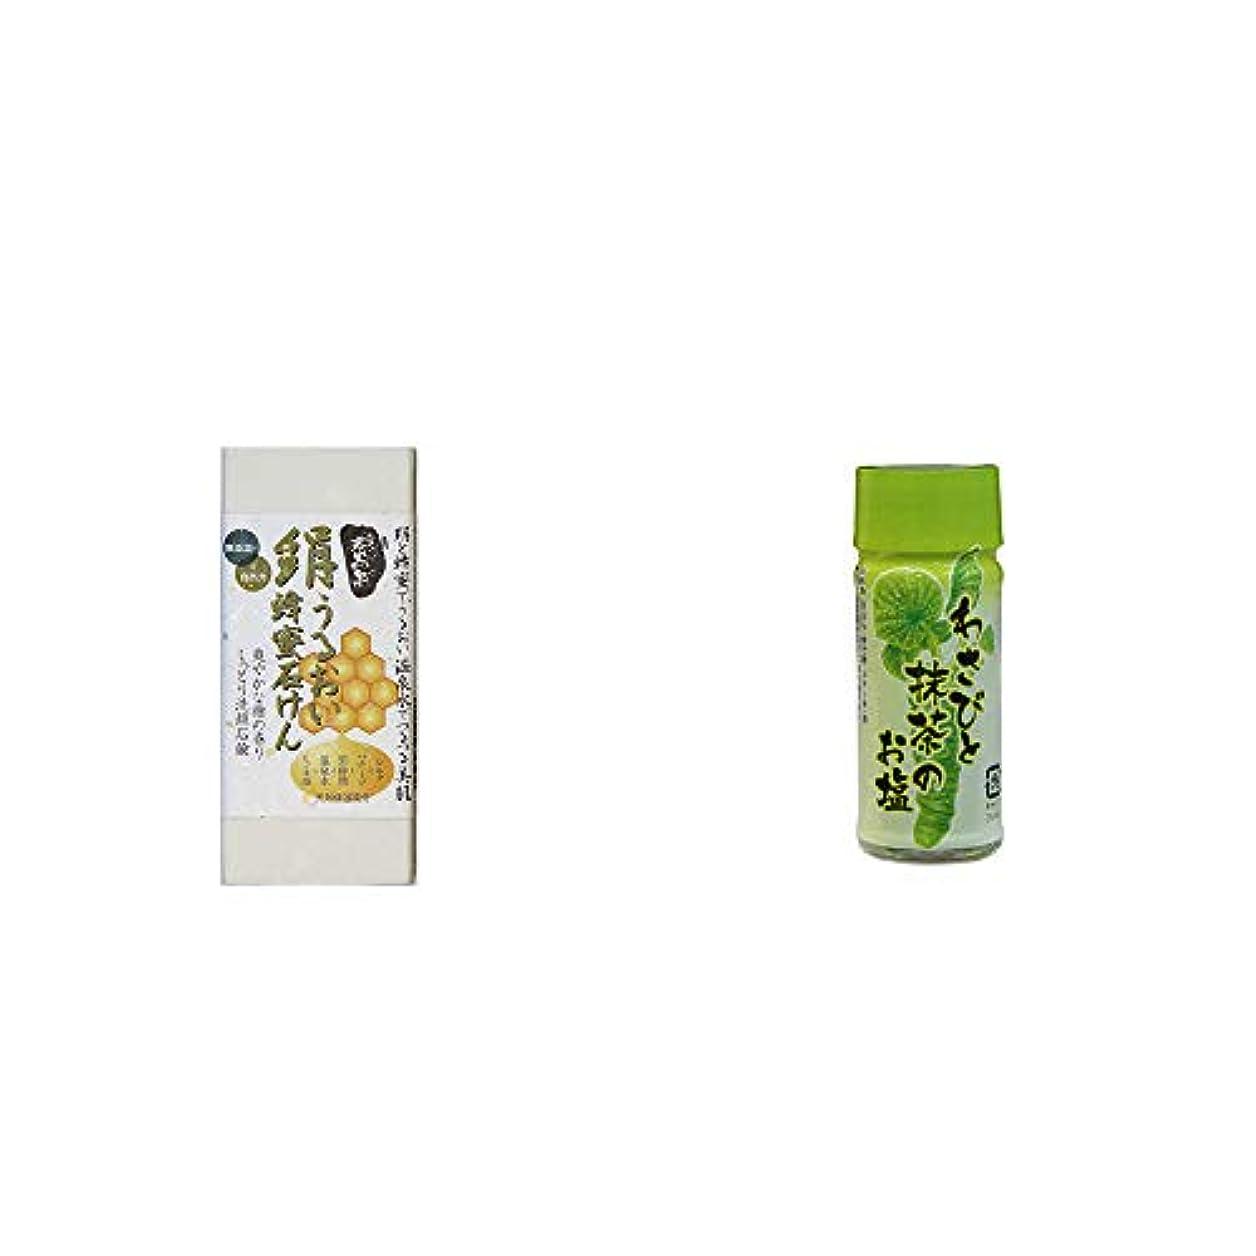 一般化するジレンマ腸[2点セット] ひのき炭黒泉 絹うるおい蜂蜜石けん(75g×2)?わさびと抹茶のお塩(30g)